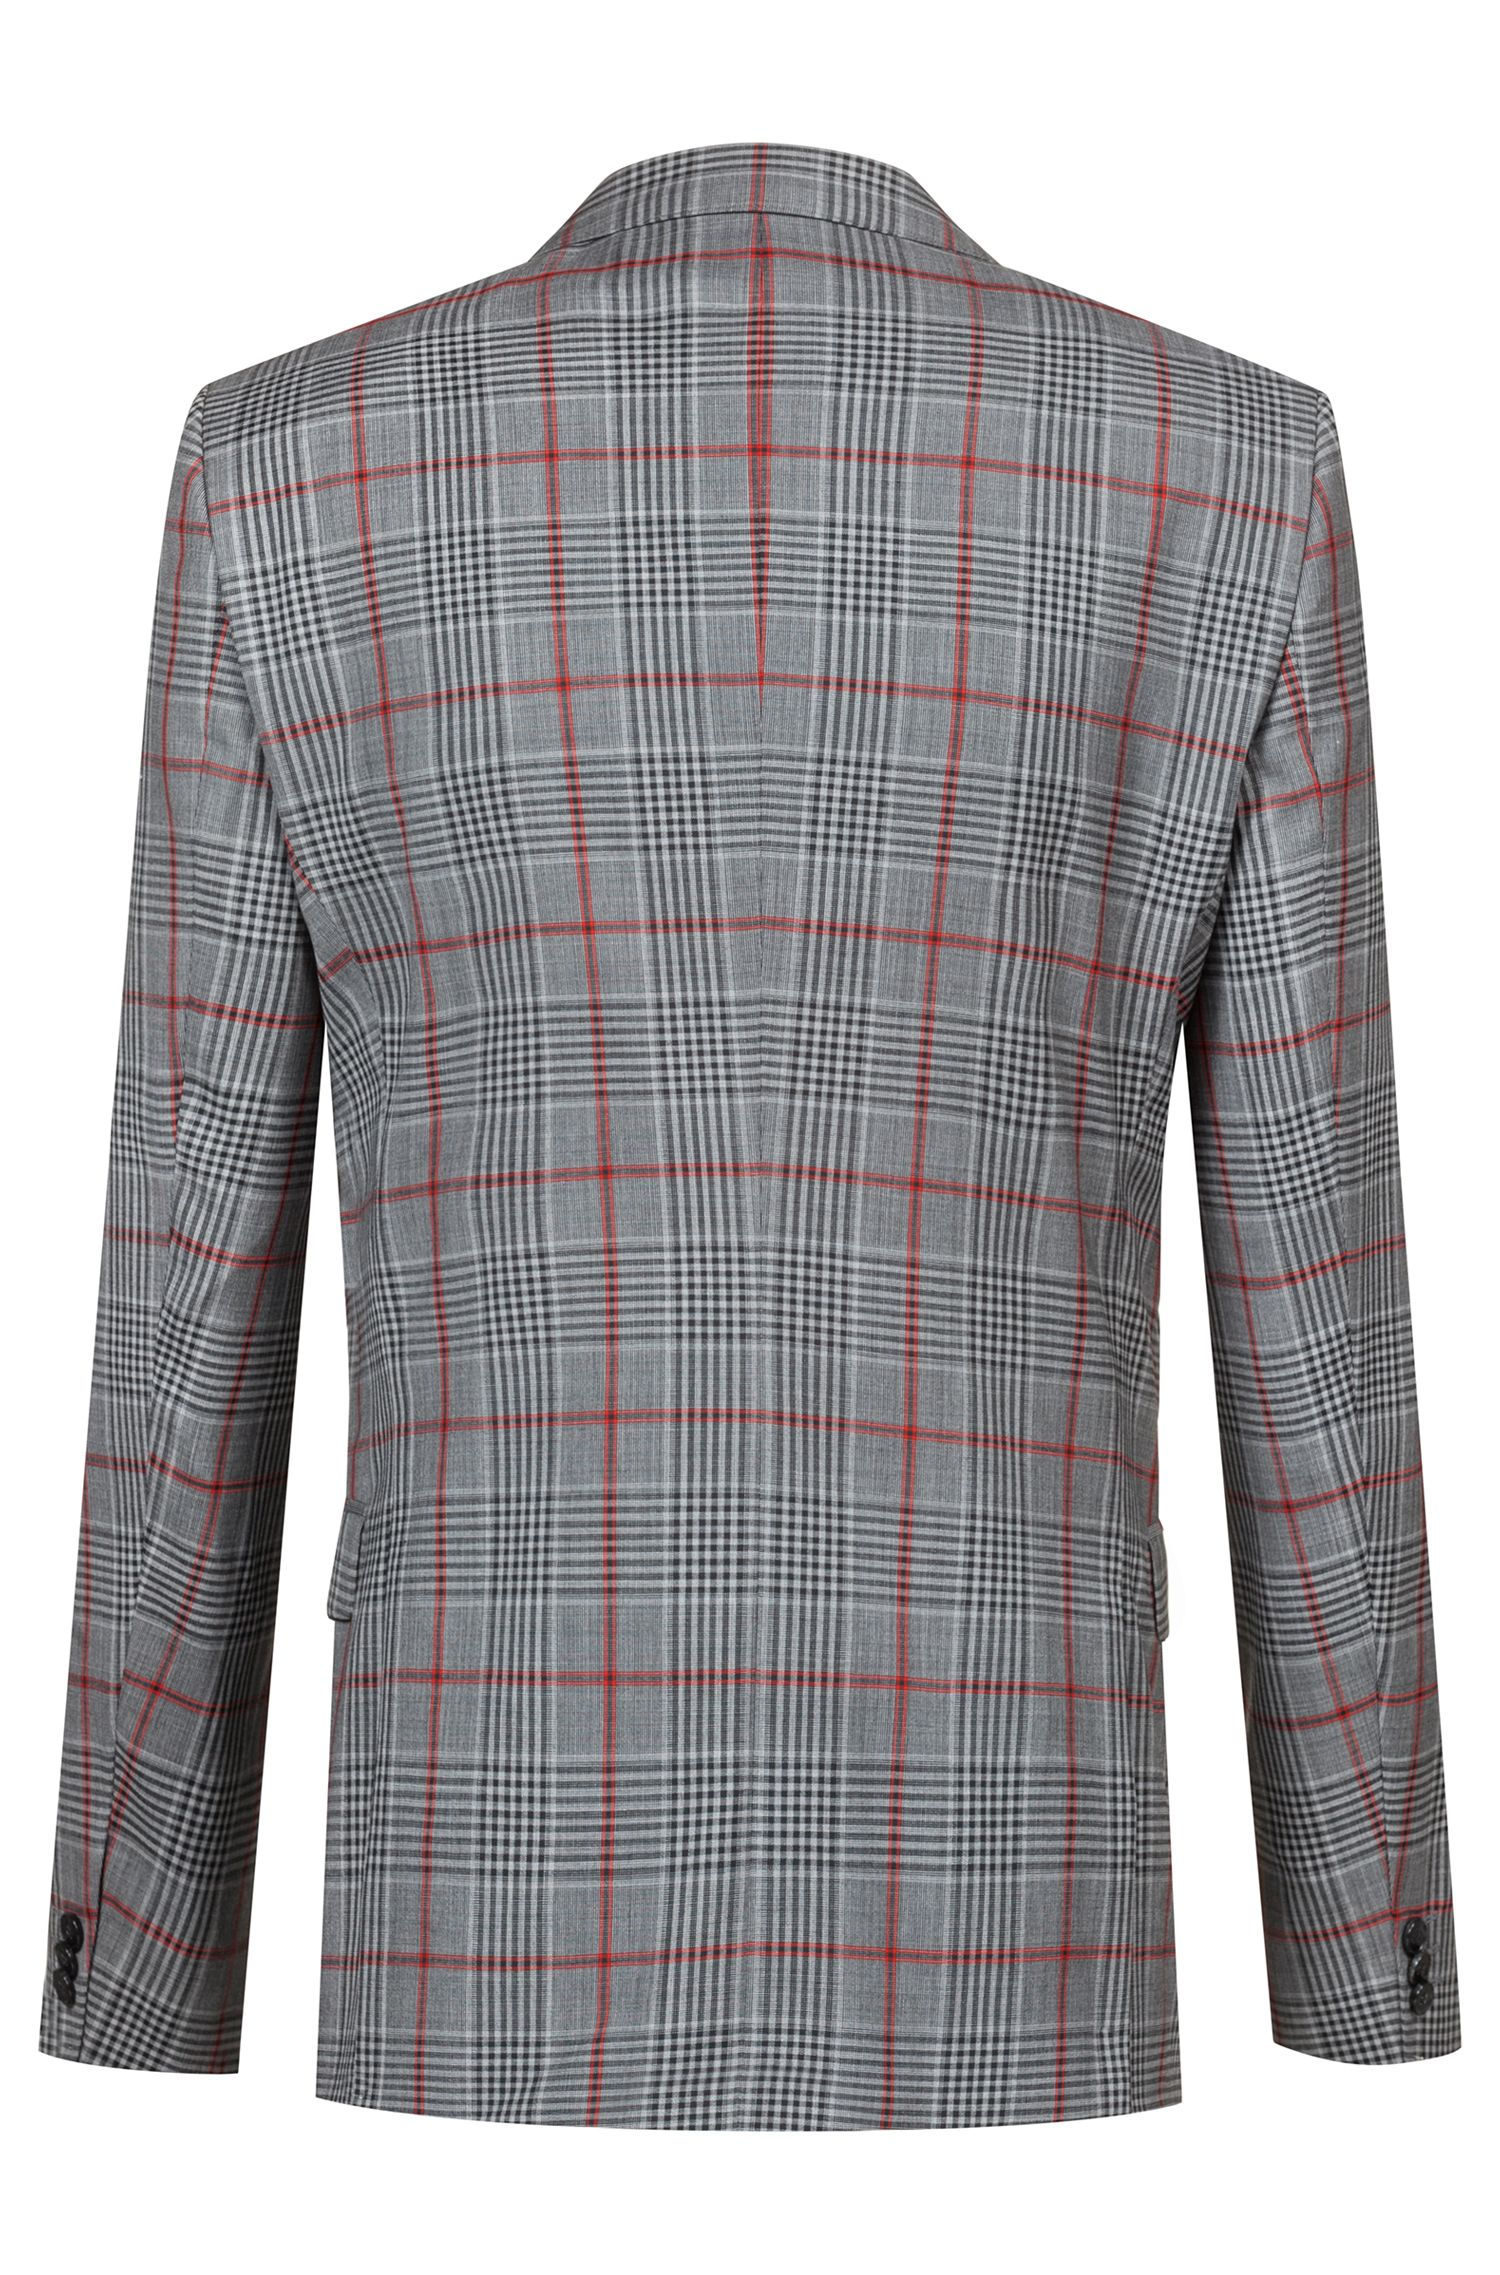 Blazer extra slim fit in lana vergine con motivo a quadri, A disegni